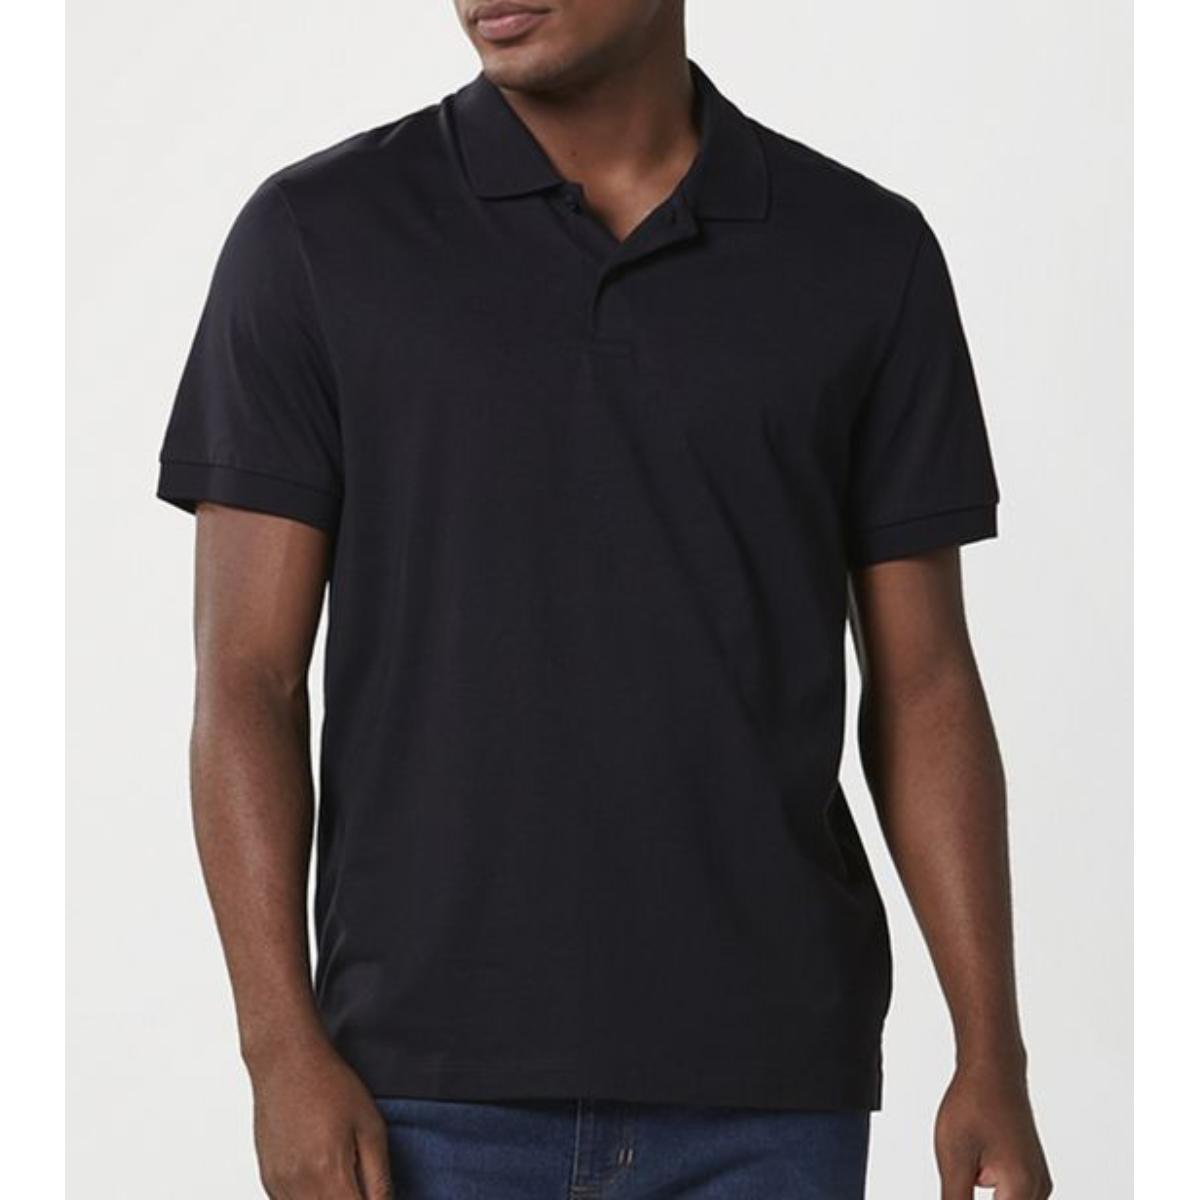 Camiseta Masculina Hering Kg2a N10si Preto